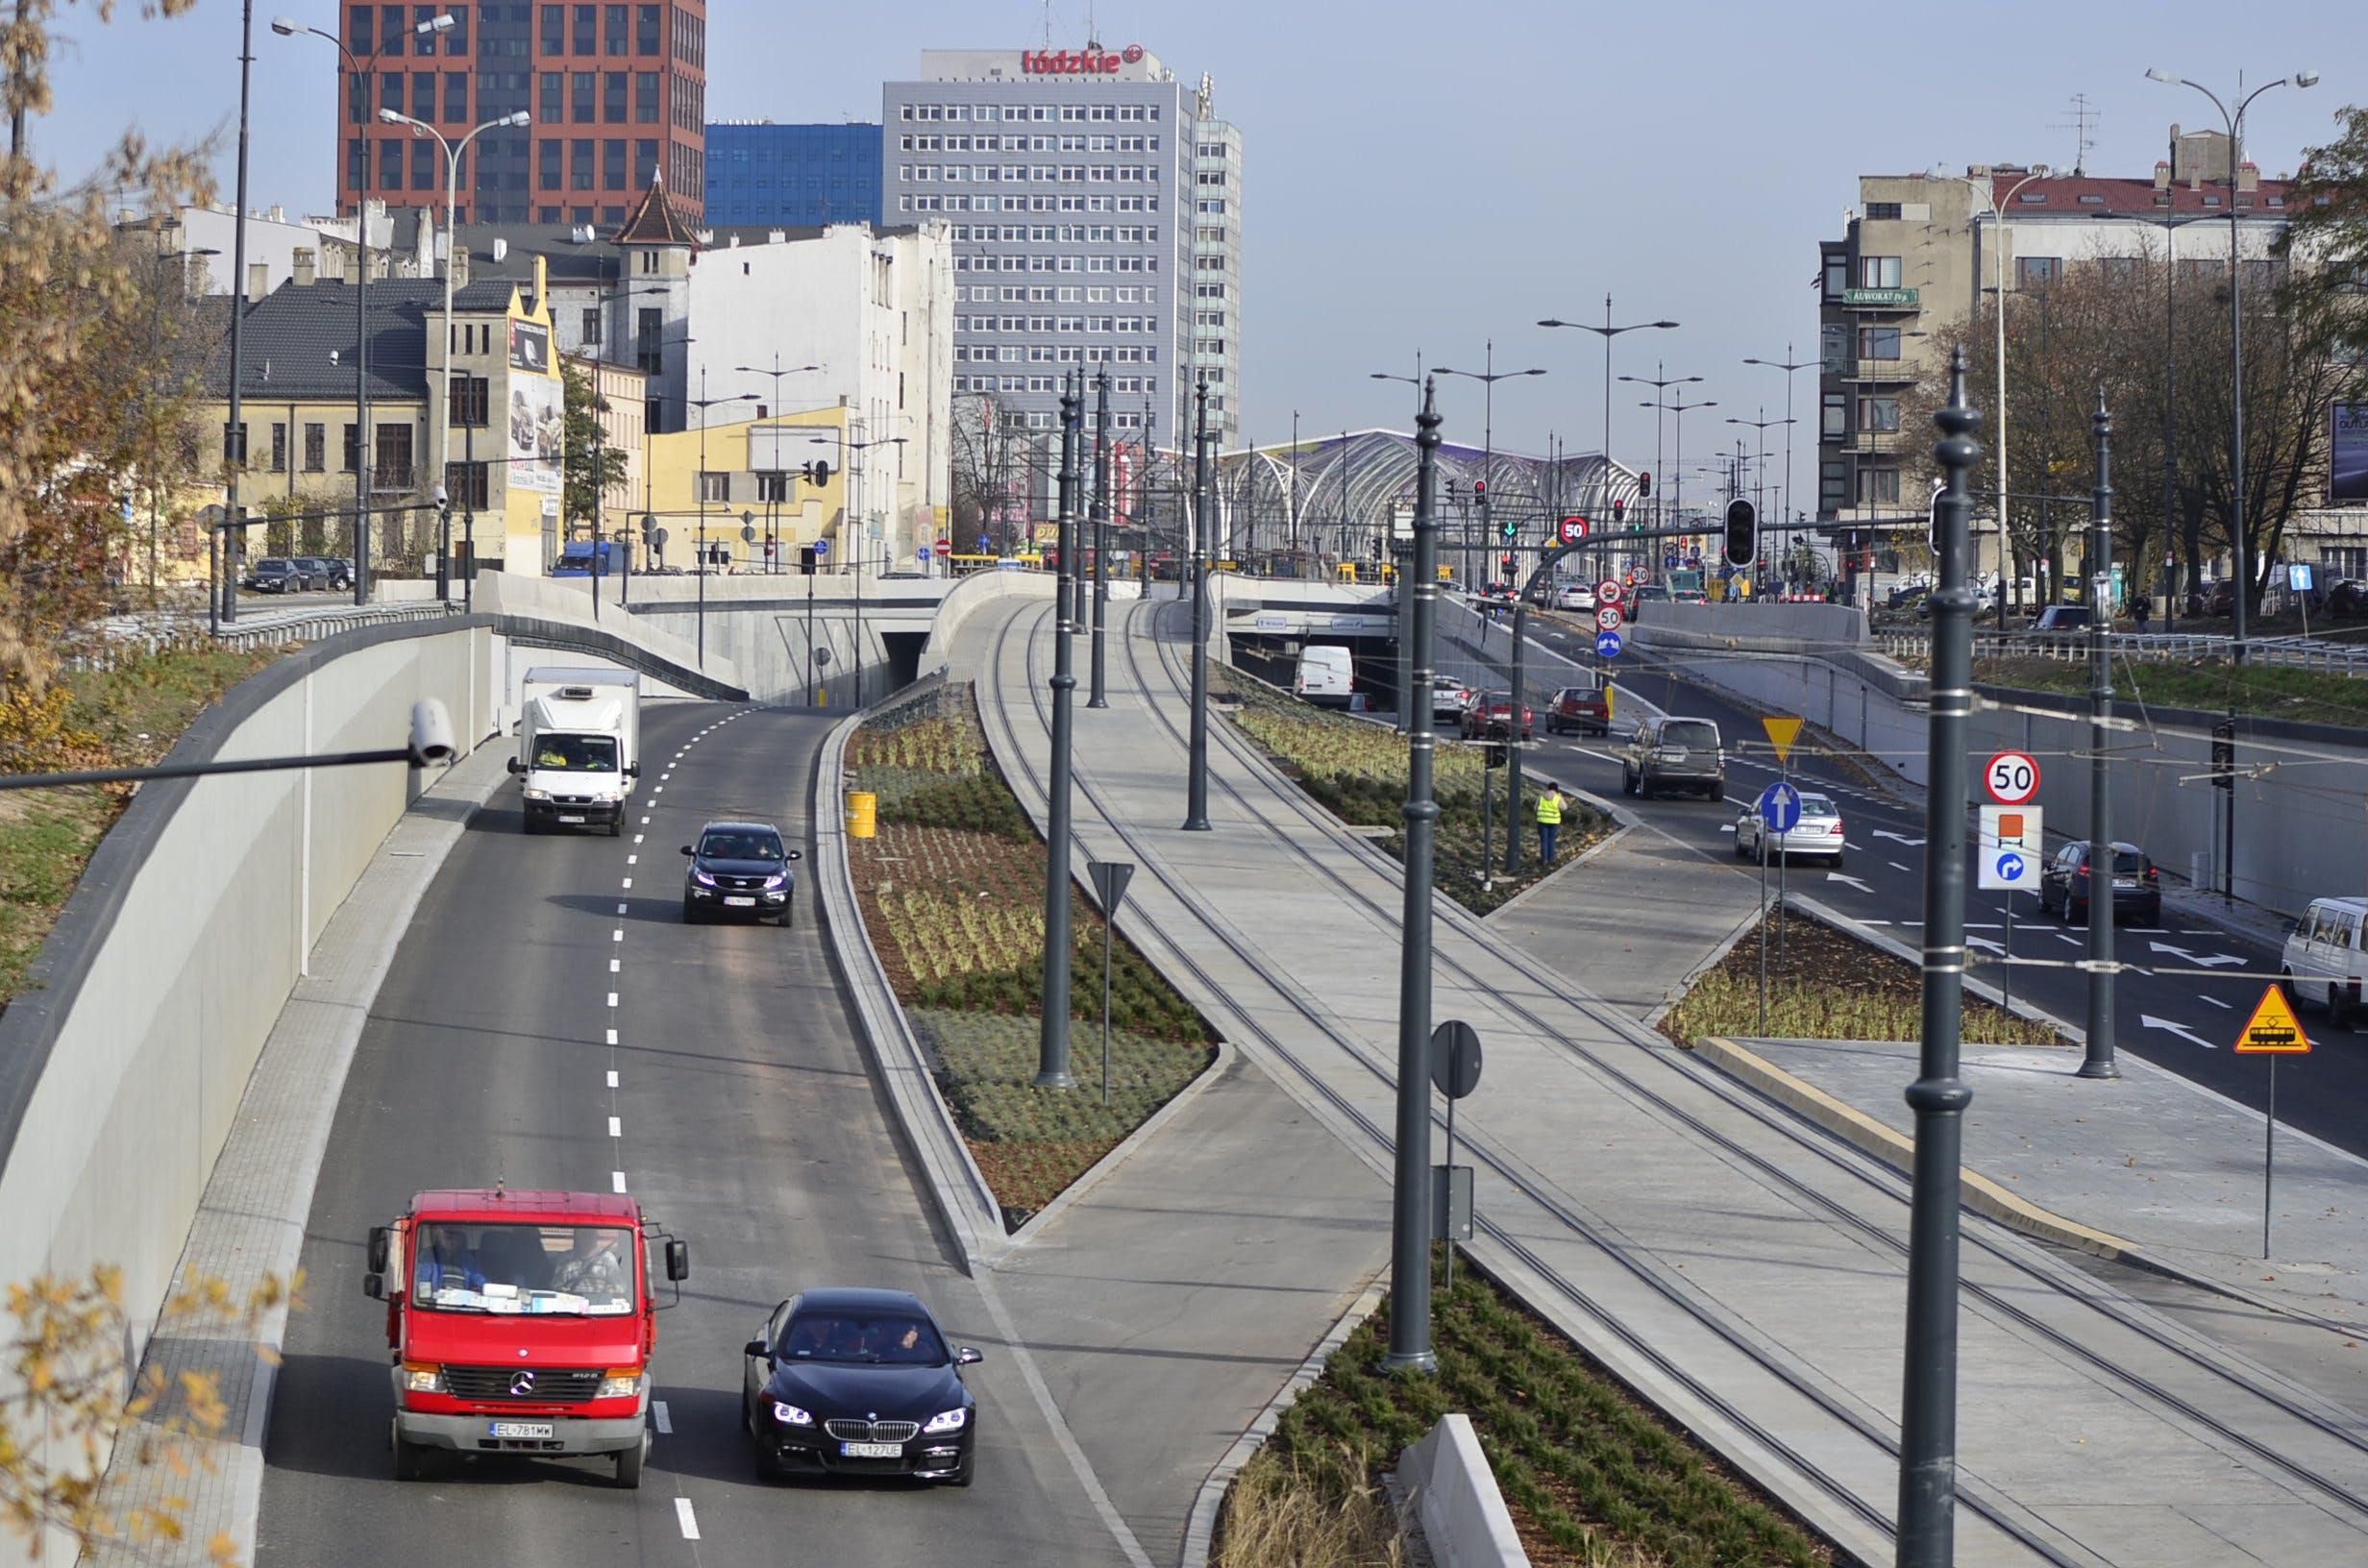 Free stock photo of cars, city, Konrad Ciężki, rails